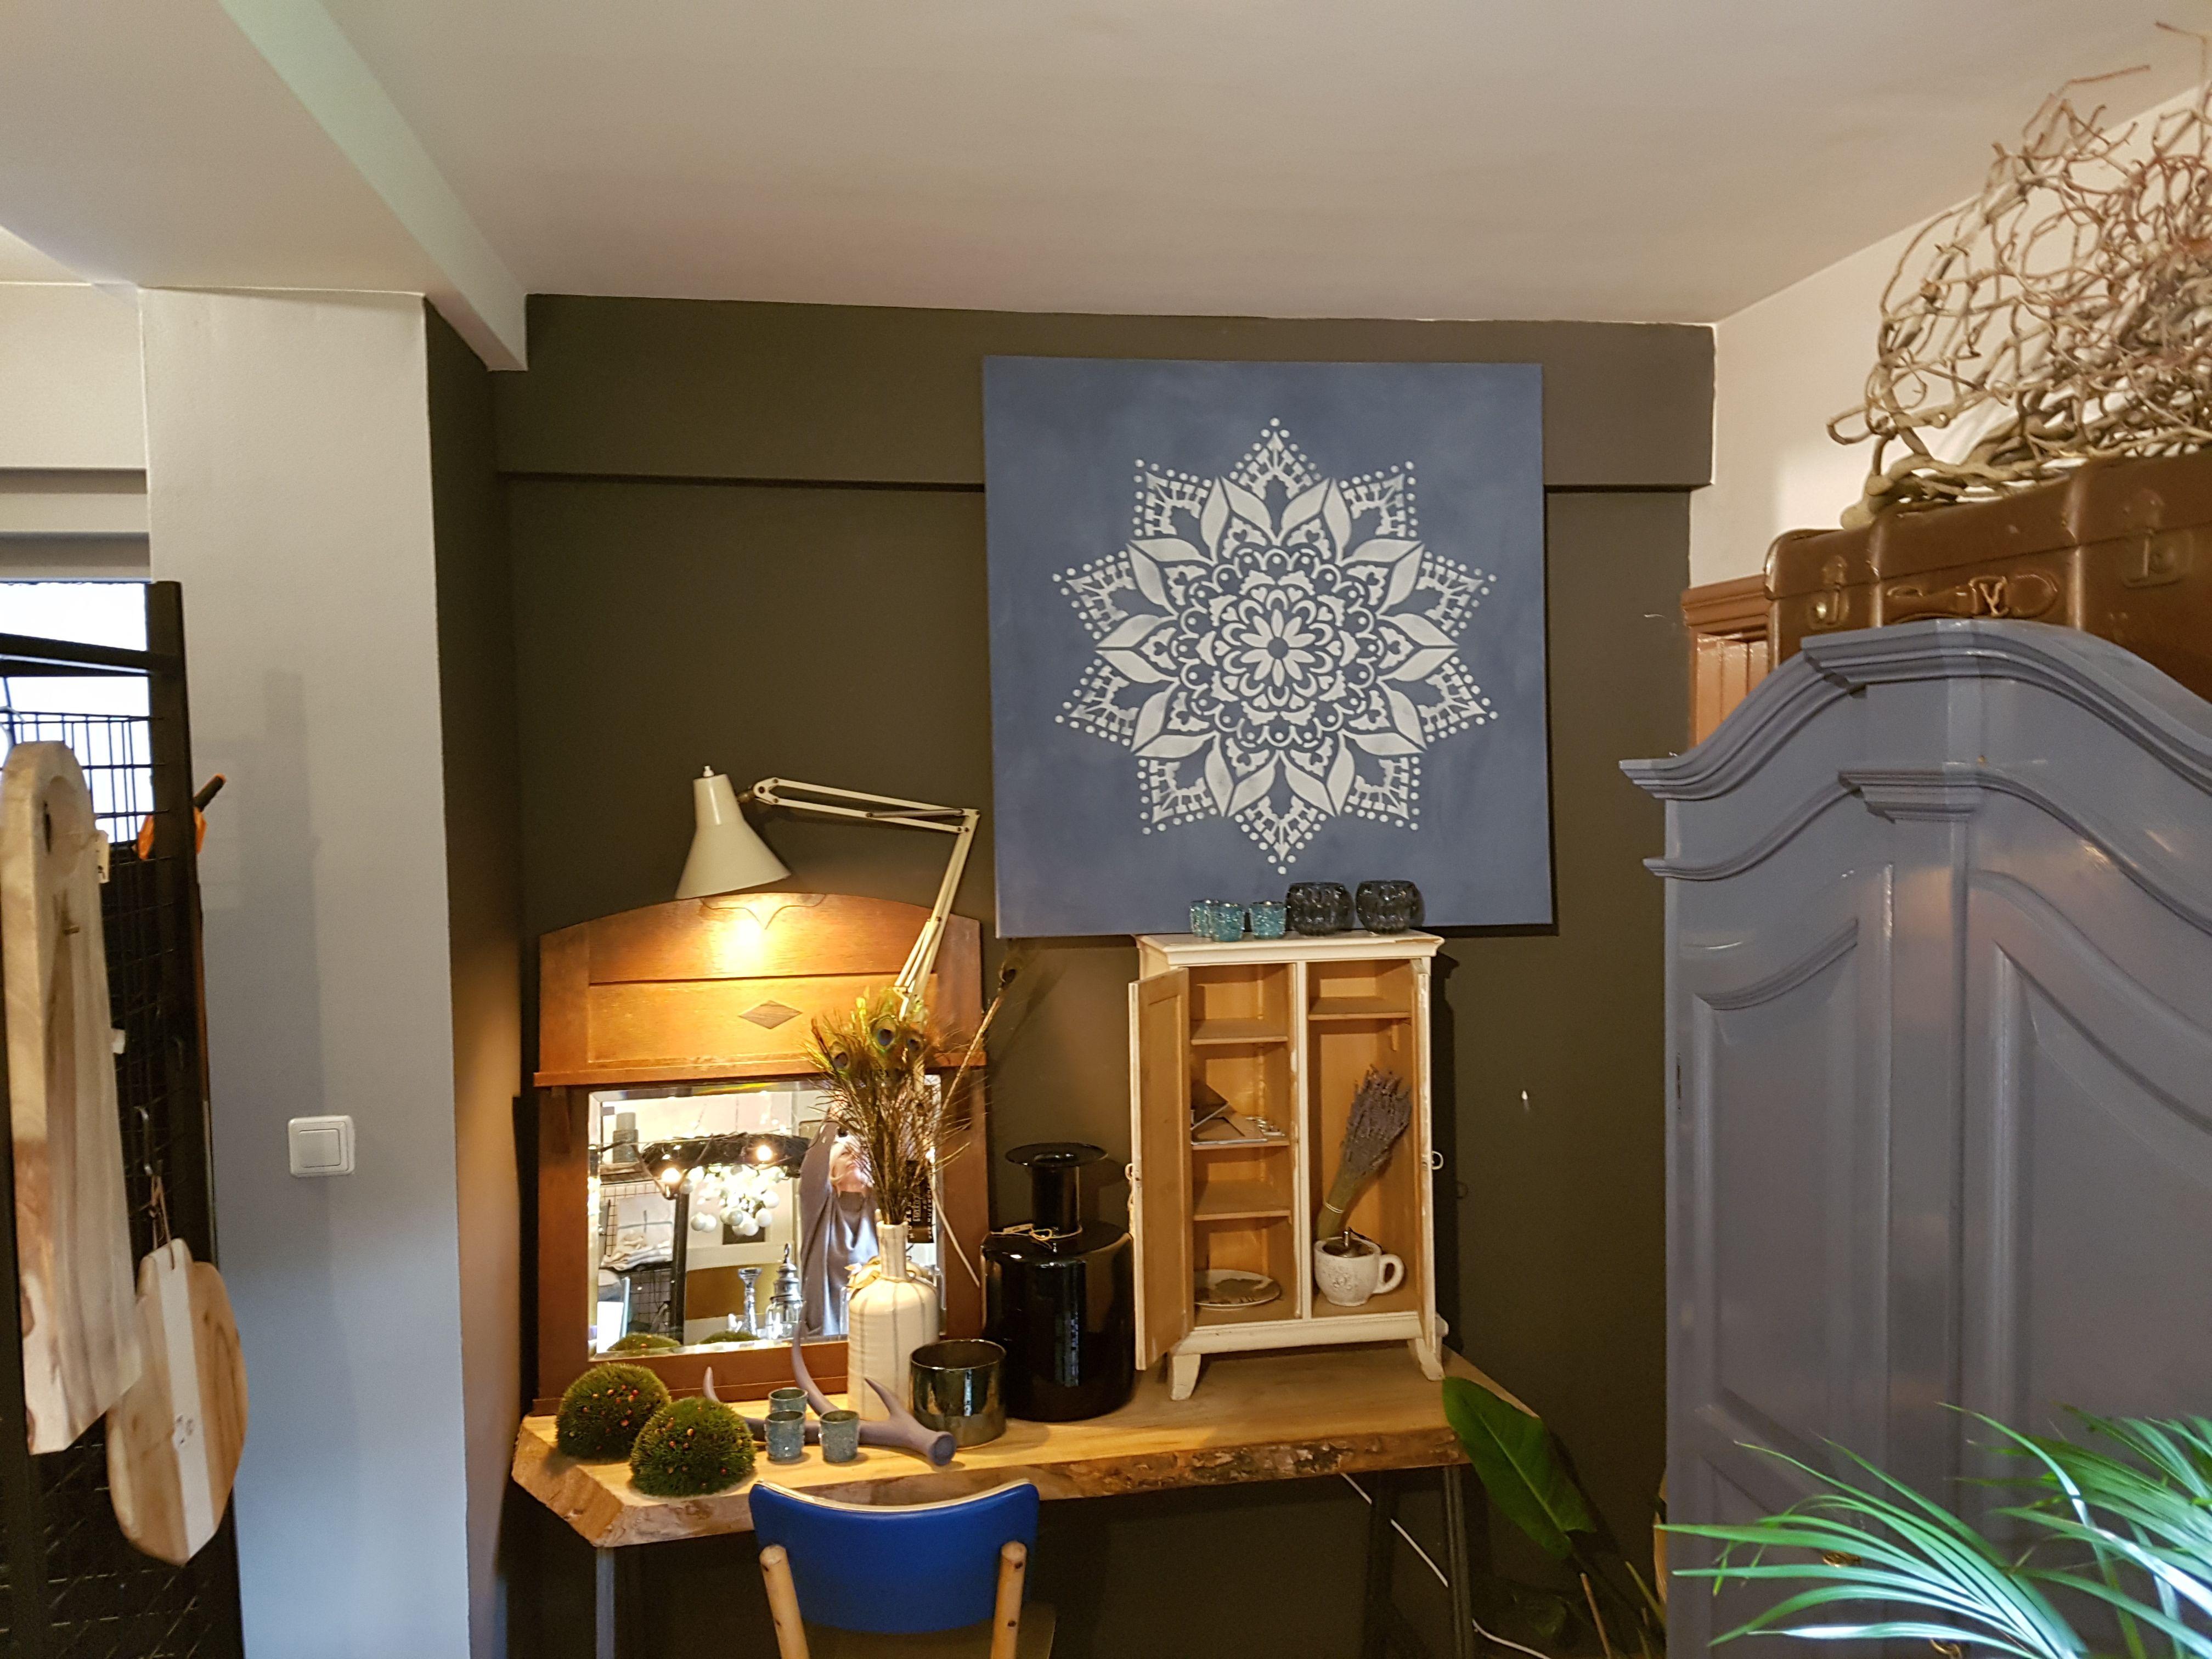 Mooie Slaapkamer Verlichting : Vintage verlichting meubels en kasten voor woonkamer en